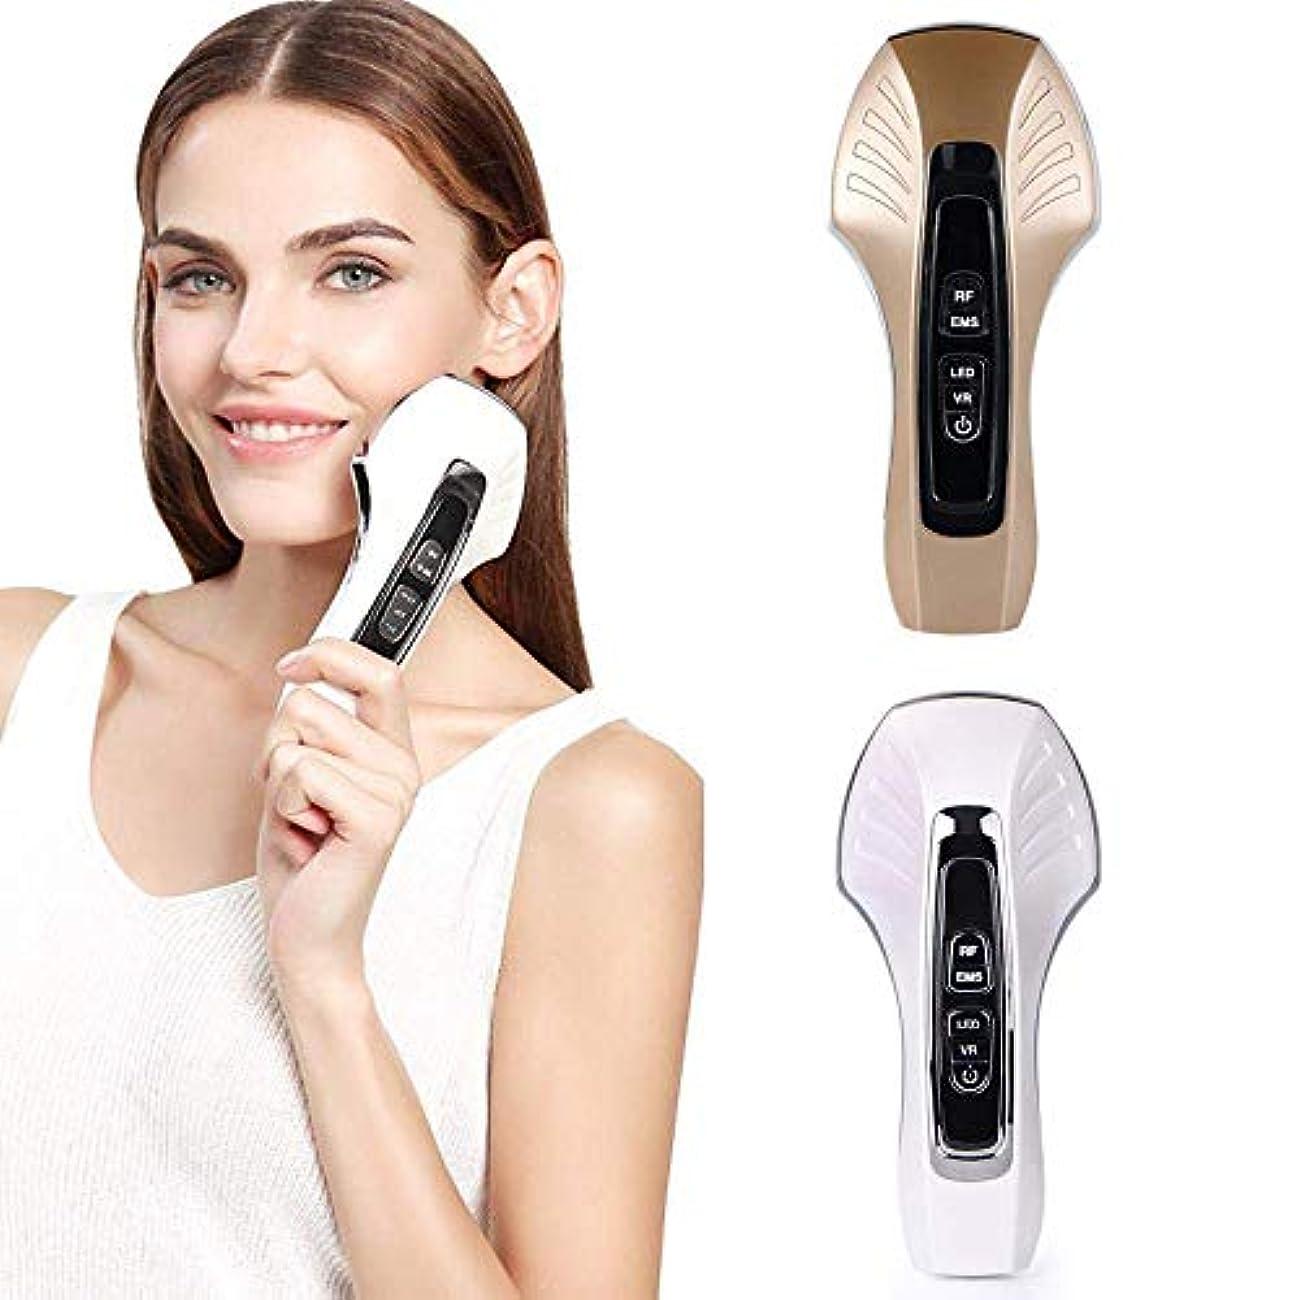 ファン行う前提条件EMS微細電流フェイシャル振動マッサージ顔、顔の薄い顔RF無線周波数美容器具ホワイトニング及び若返りマッサージと顔リフティング